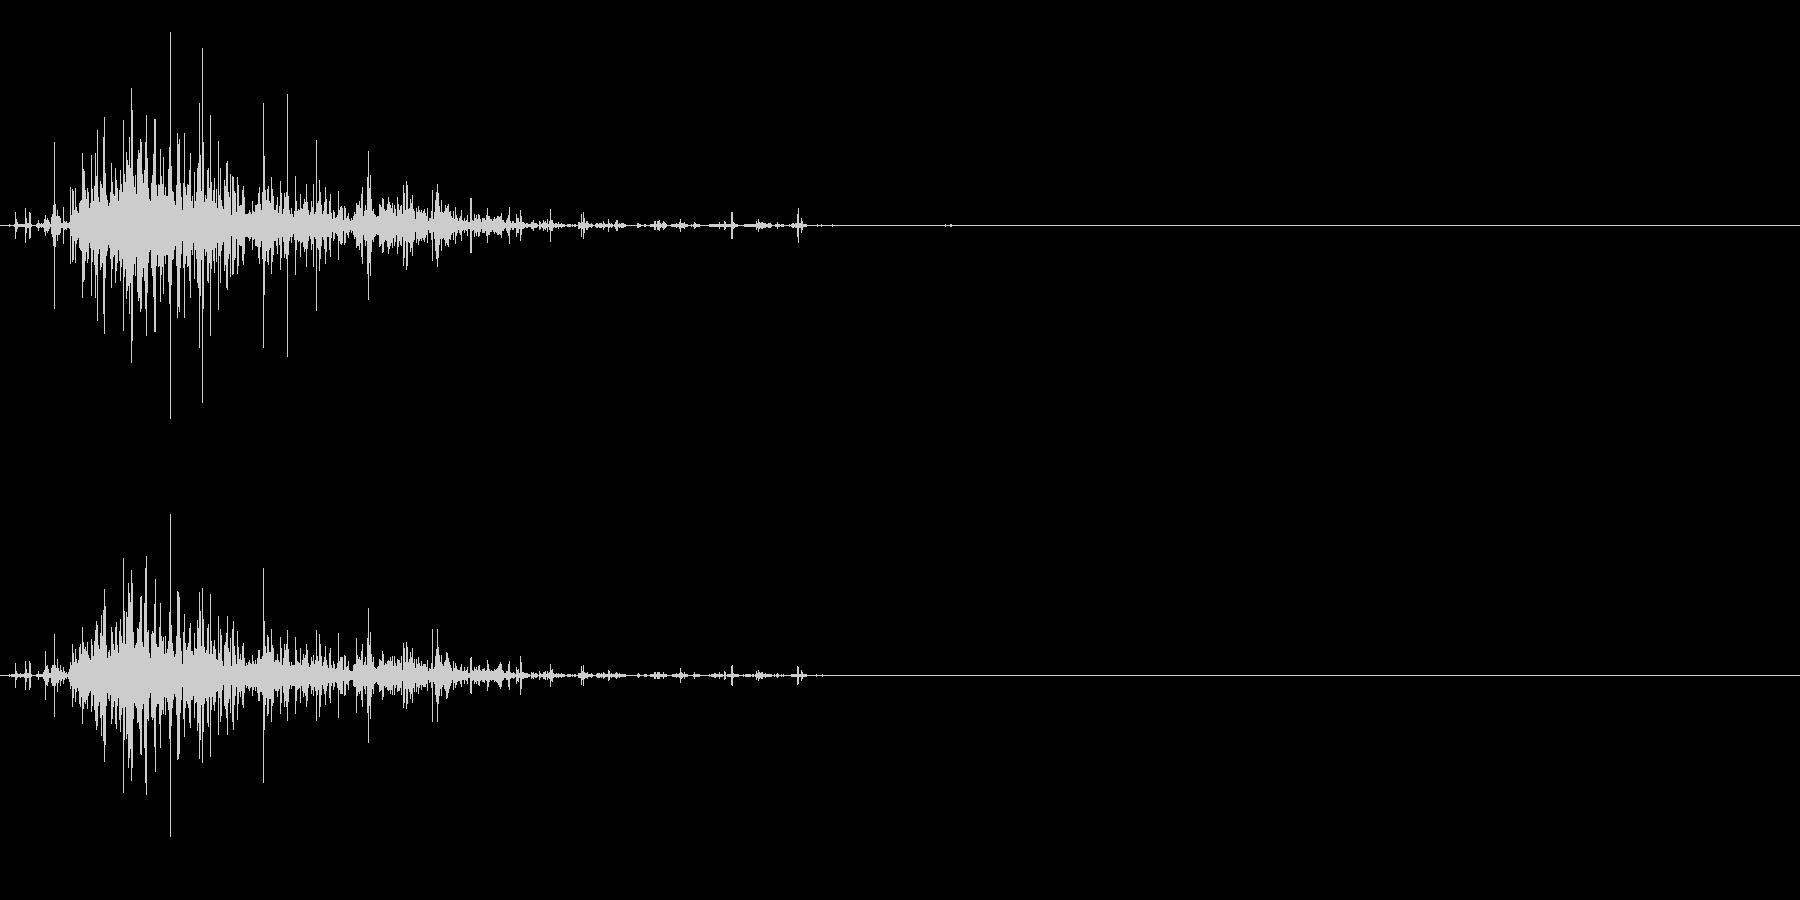 水などをコップに注ぐ音の未再生の波形